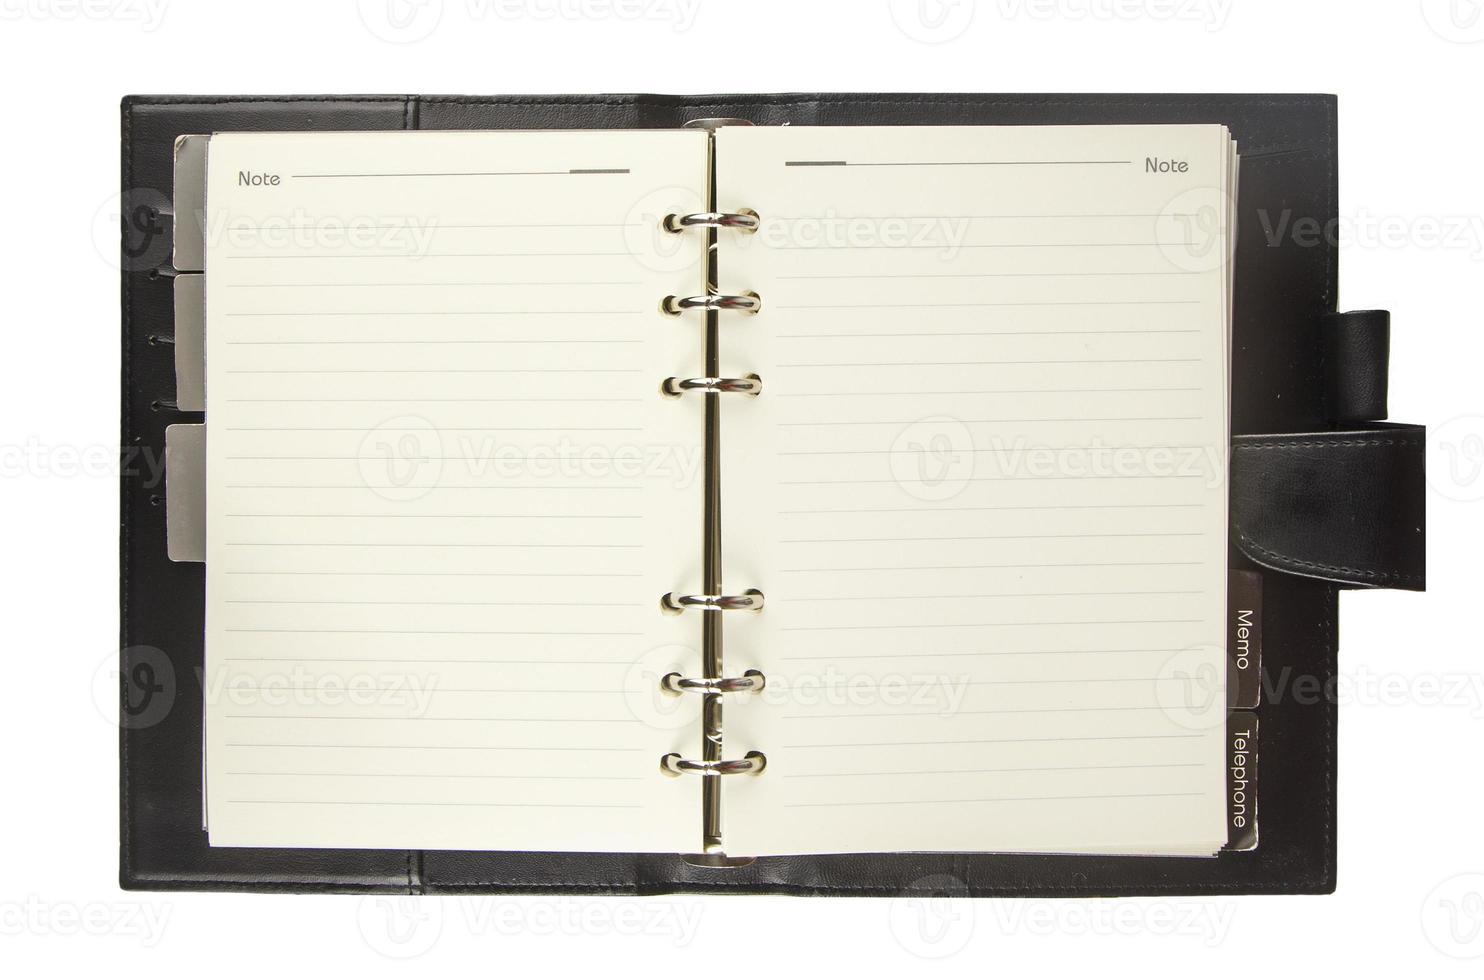 caderno em branco com capa preta isolado no branco foto